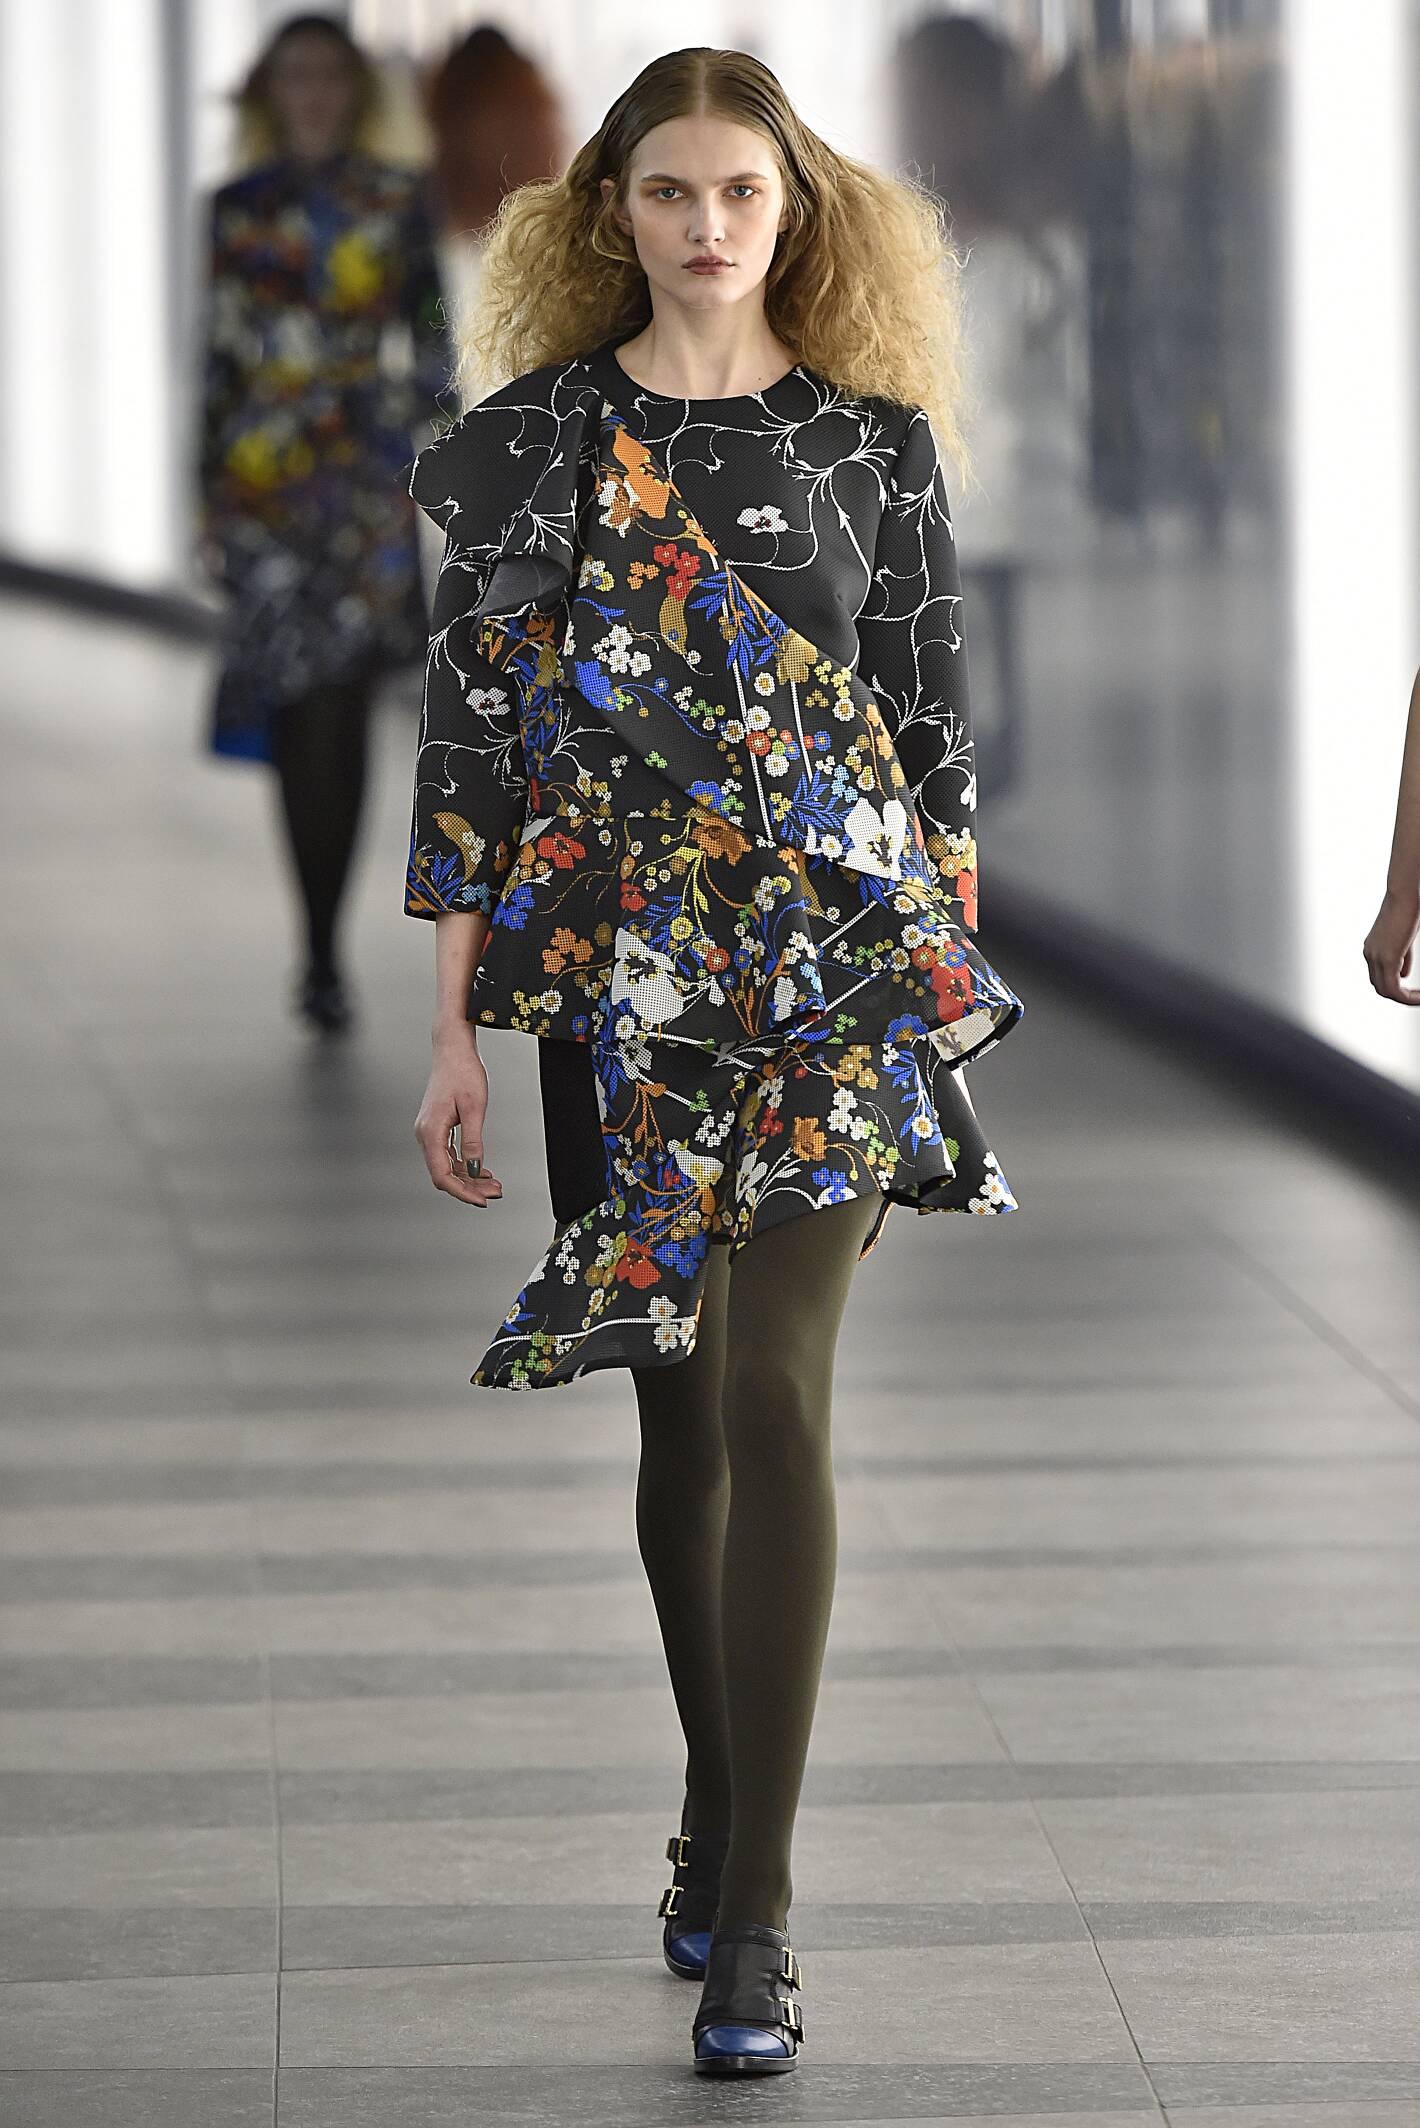 Preen by Thornton Bregazzi Collection Woman London Fashion Week